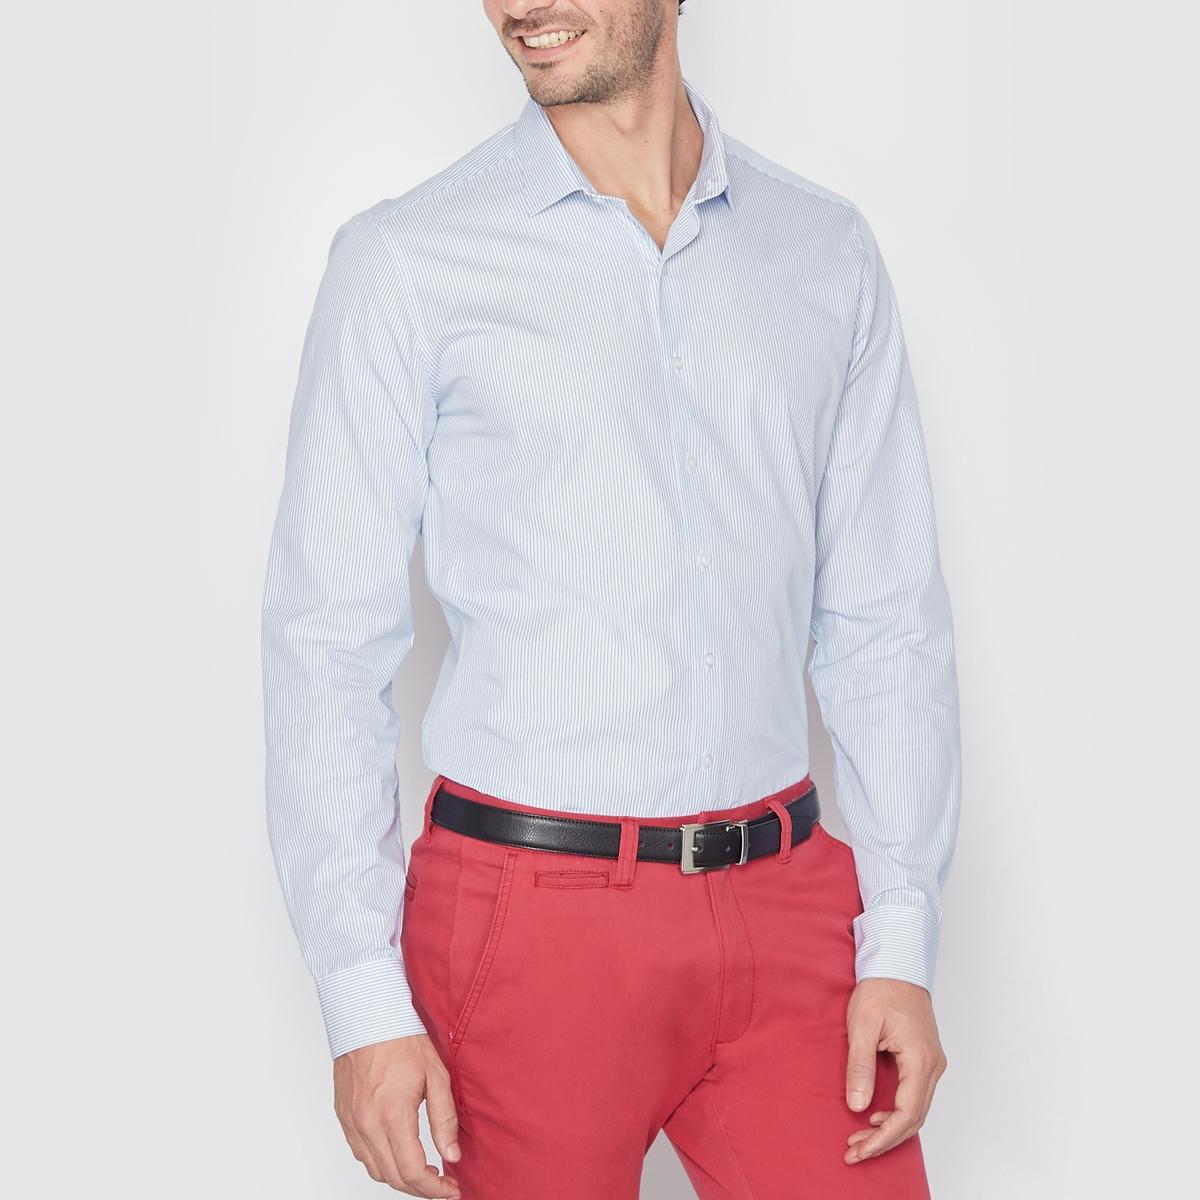 Рубашка в полоску из поплина, узкого покроя. Длинные рукаваРубашка из поплина, 100% хлопка . Узкий покрой (облегающий) . Длинные рукава . Свободные уголки воротника  . Длина 77 см .<br><br>Цвет: в полоску/розовый,синий в полоску<br>Размер: 47/48.47/48.43/44